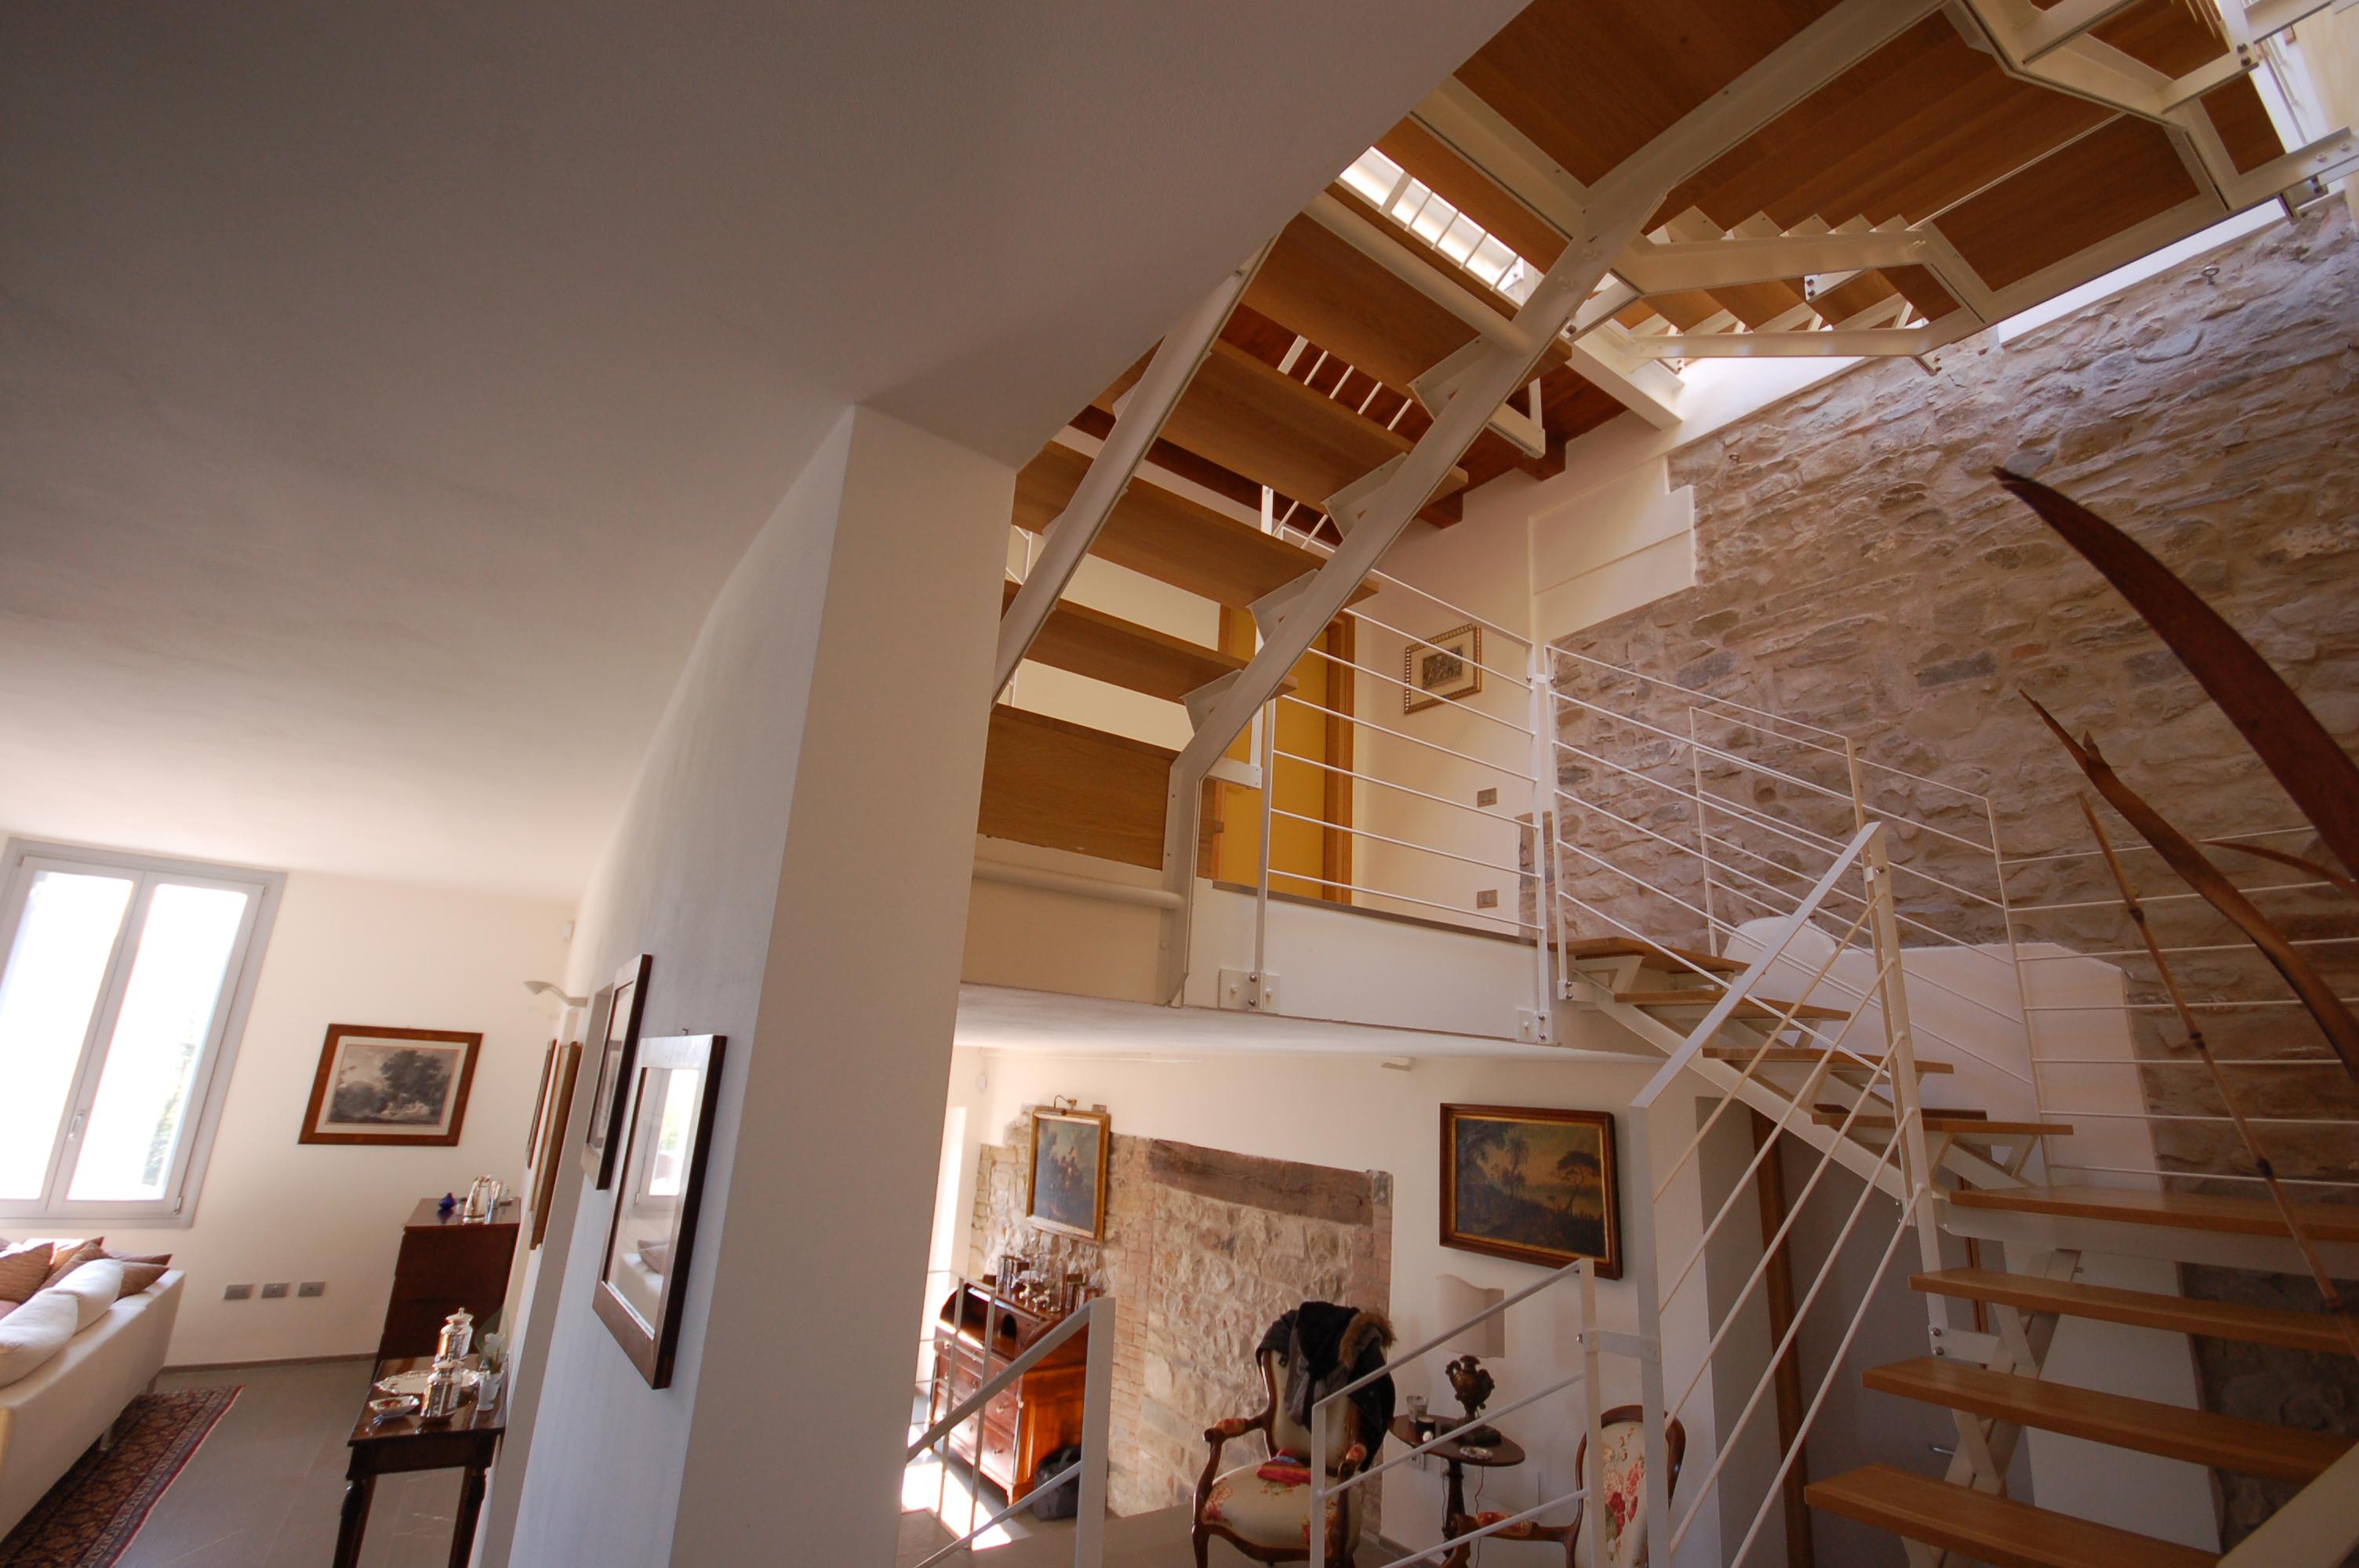 Rustico Ristrutturato Caseloft S R L Immobiliare Sassuolo